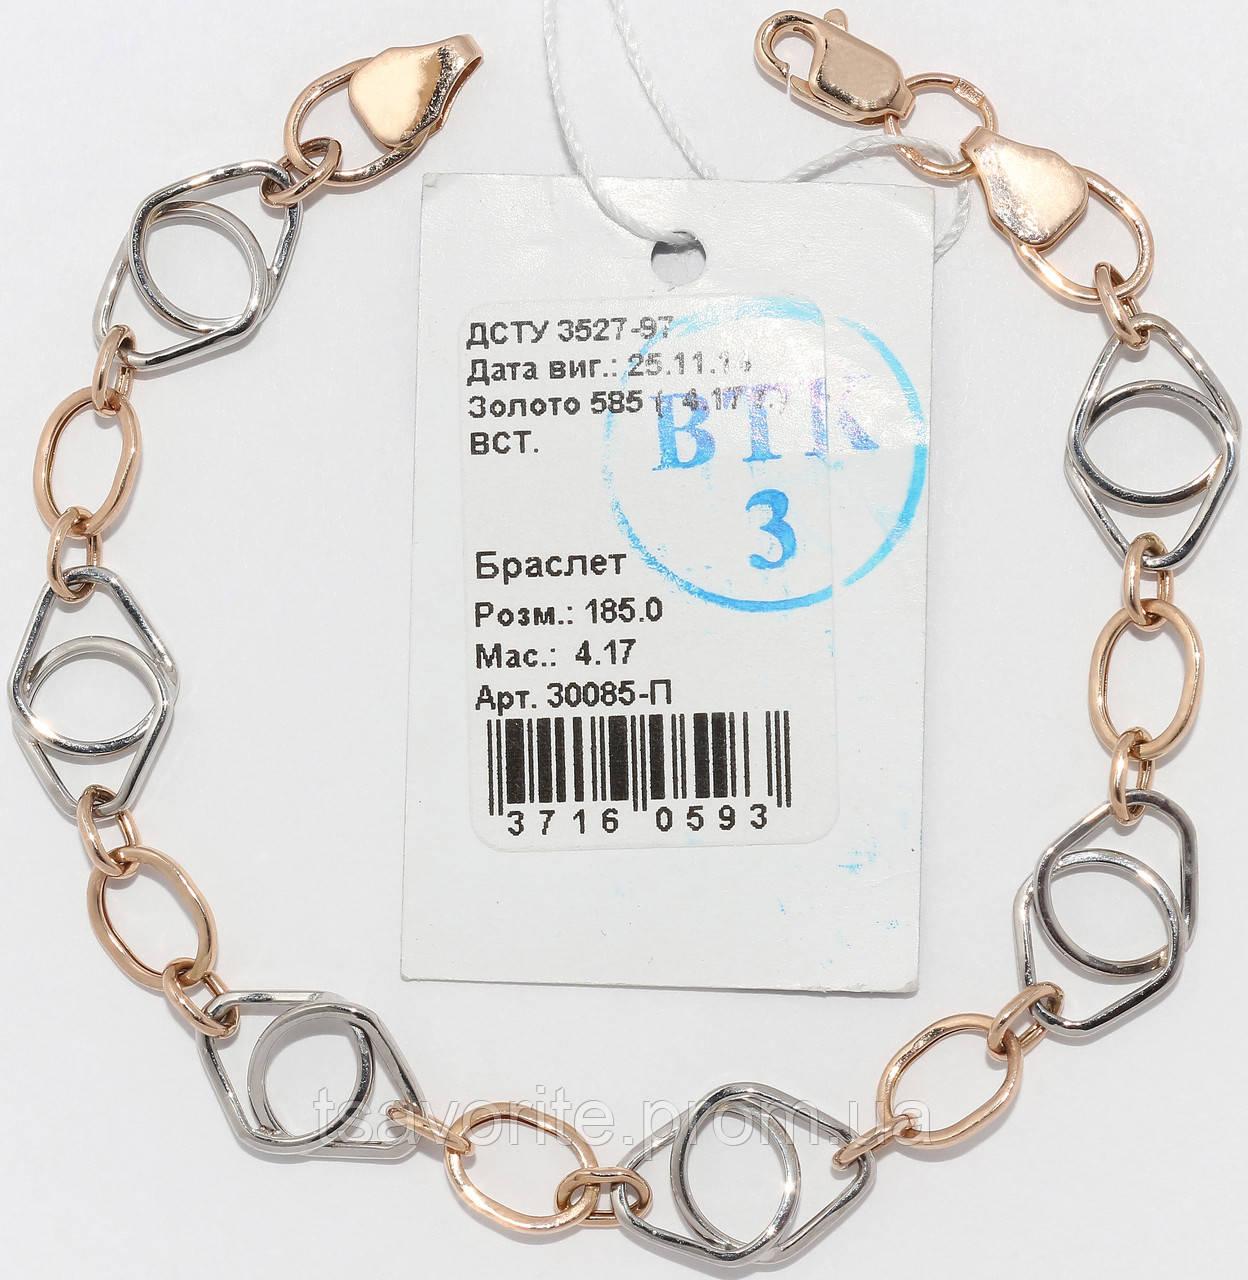 Золотой браслет 30085-П